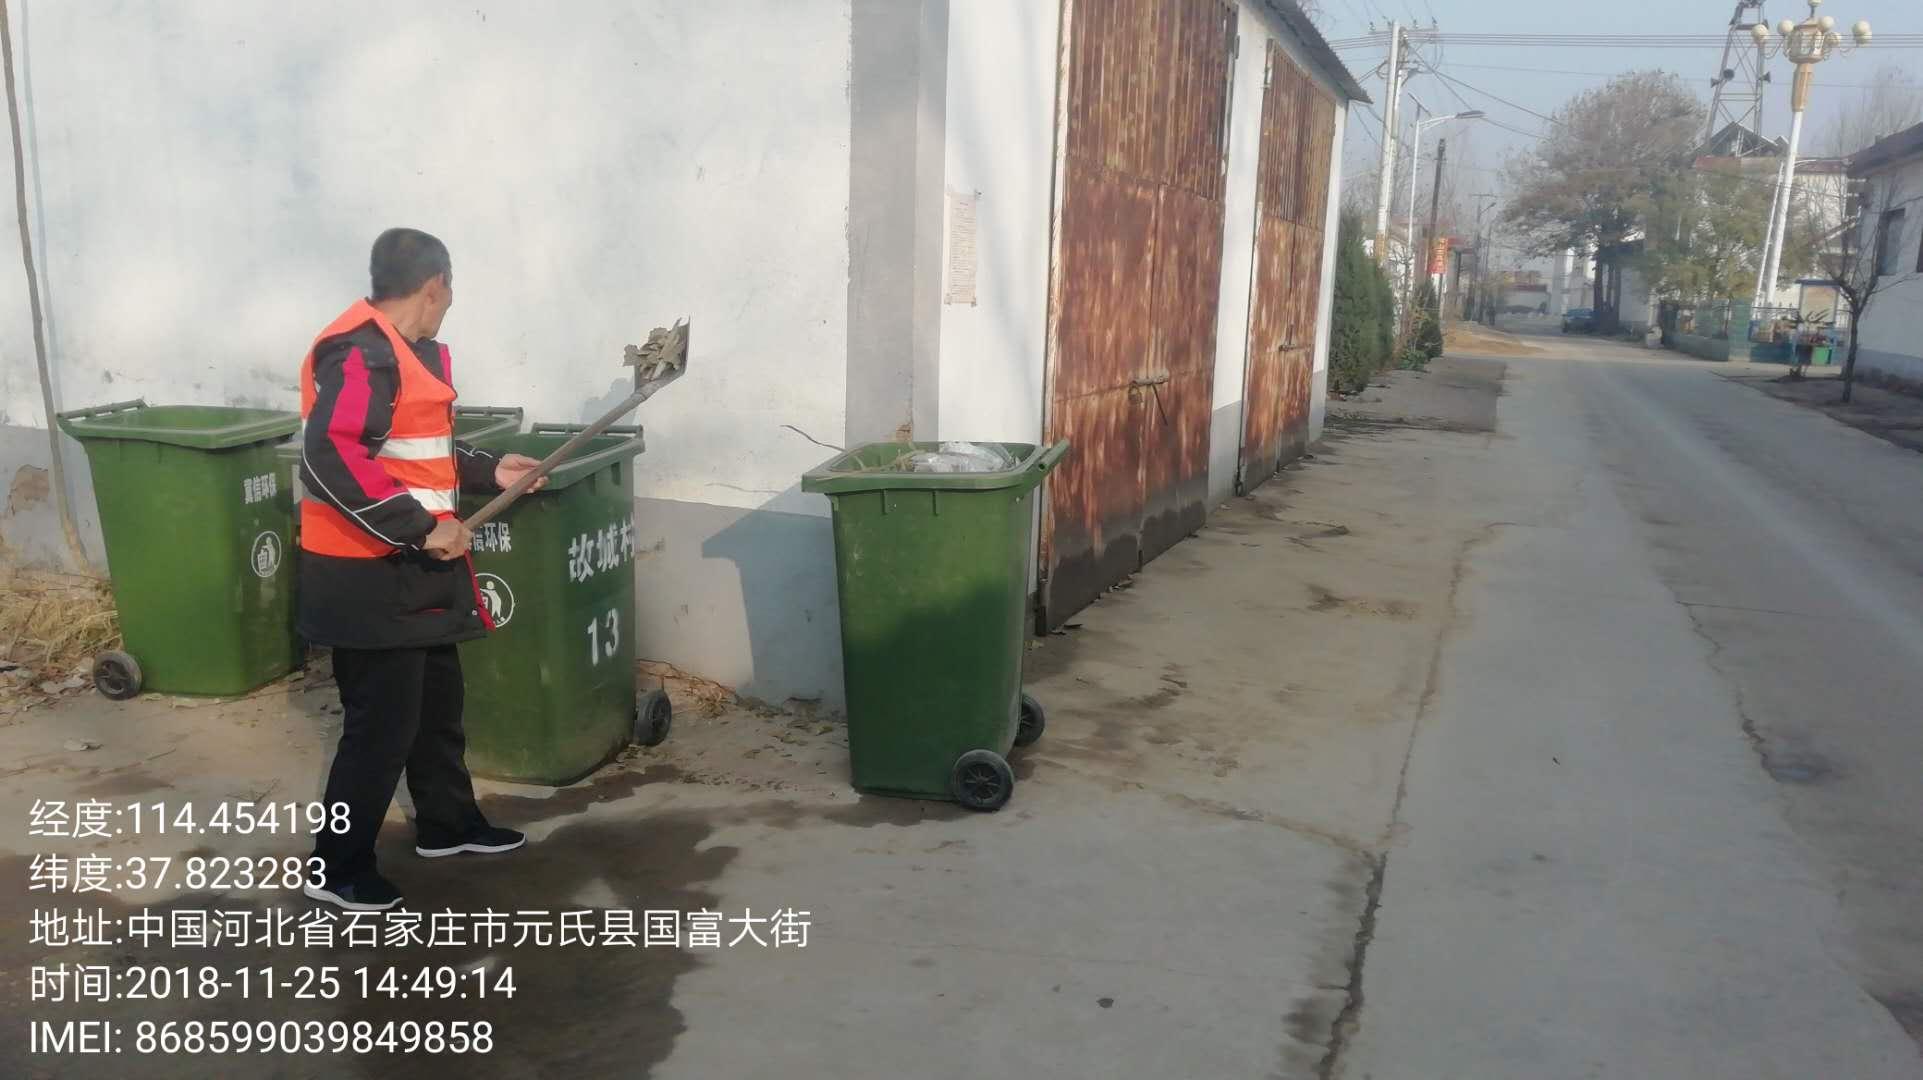 元氏县农村环卫一体化